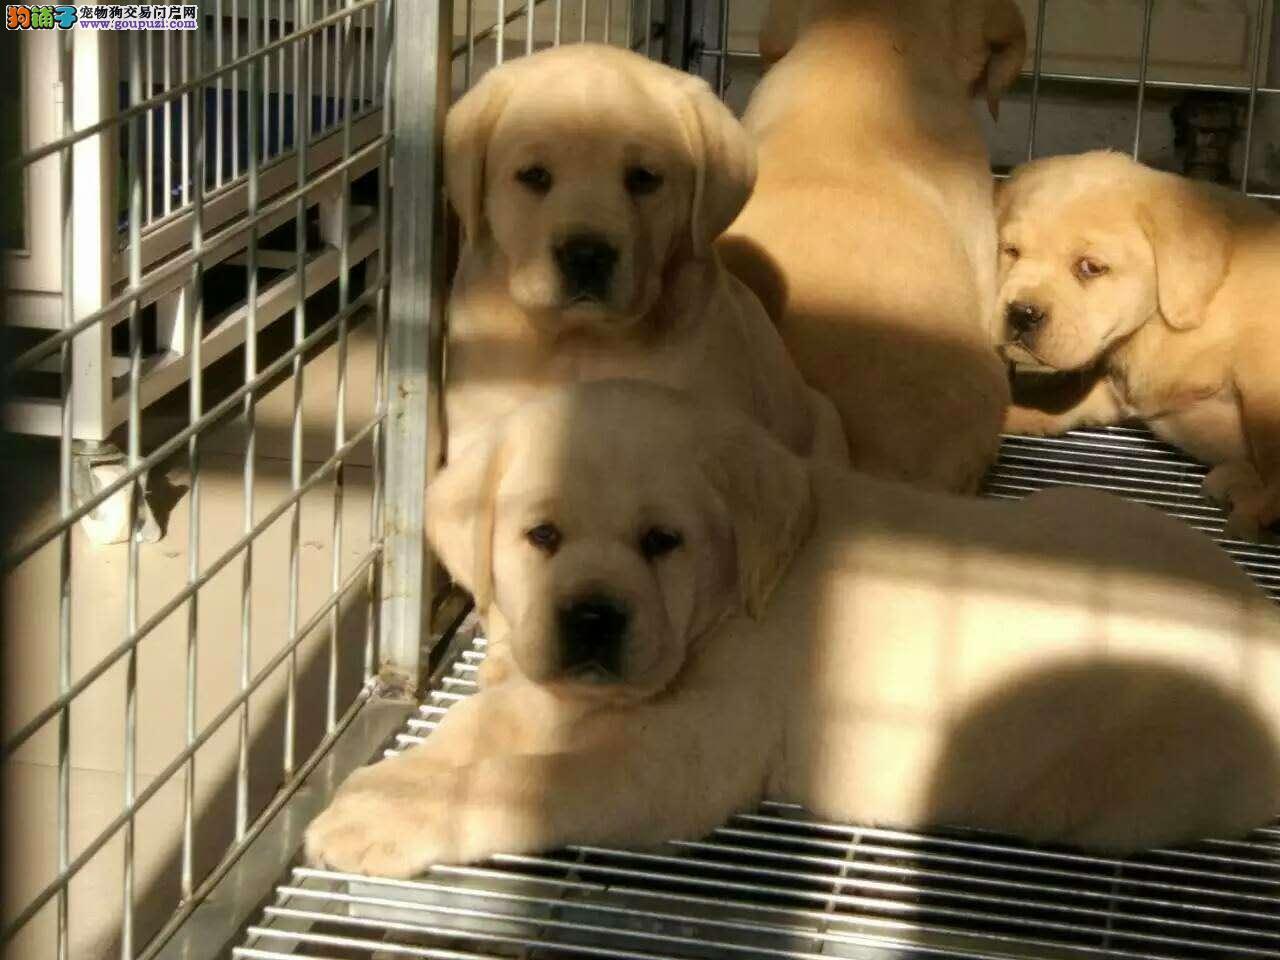 纯种健康拉拉犬   可送货上门   可见狗父母